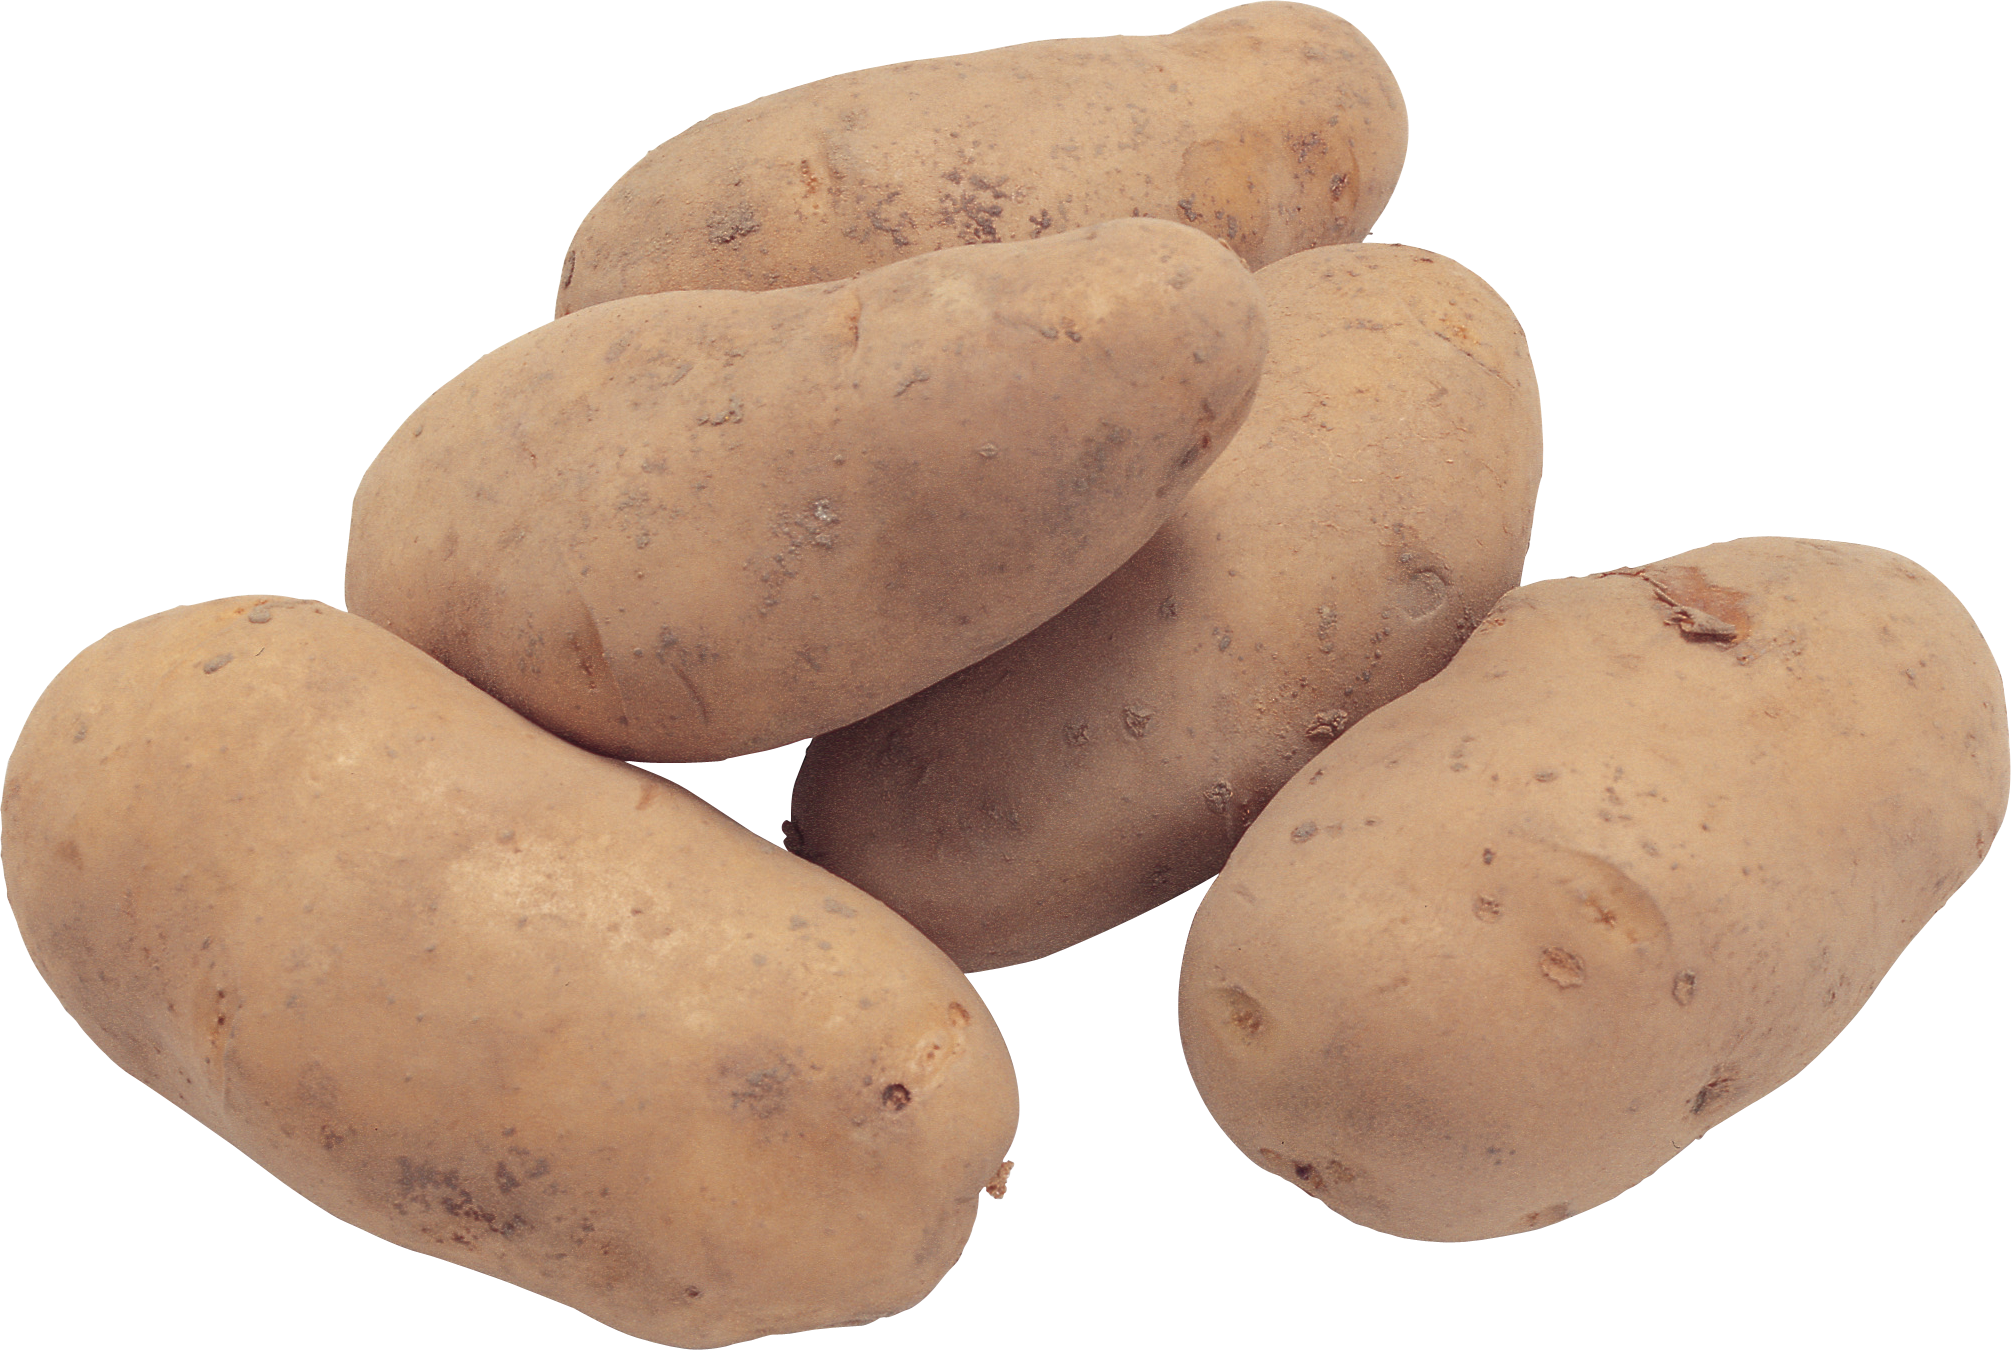 Картинки о картофеле для детей